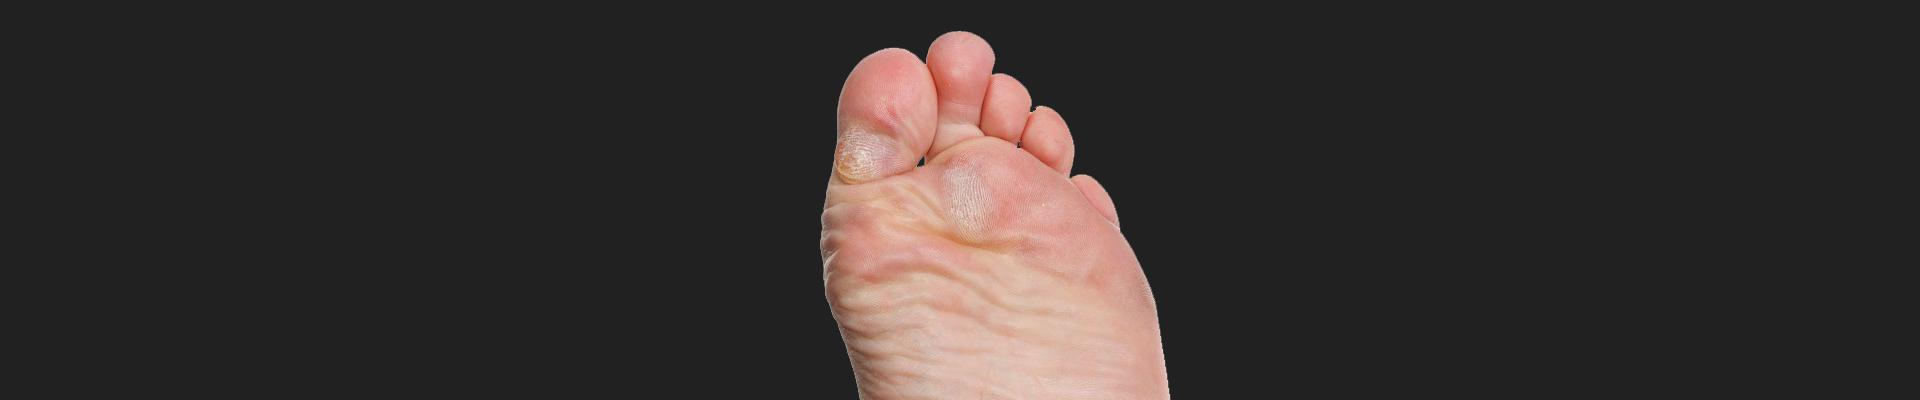 Callus & Corns | Witterings Mobile Foot Clinic